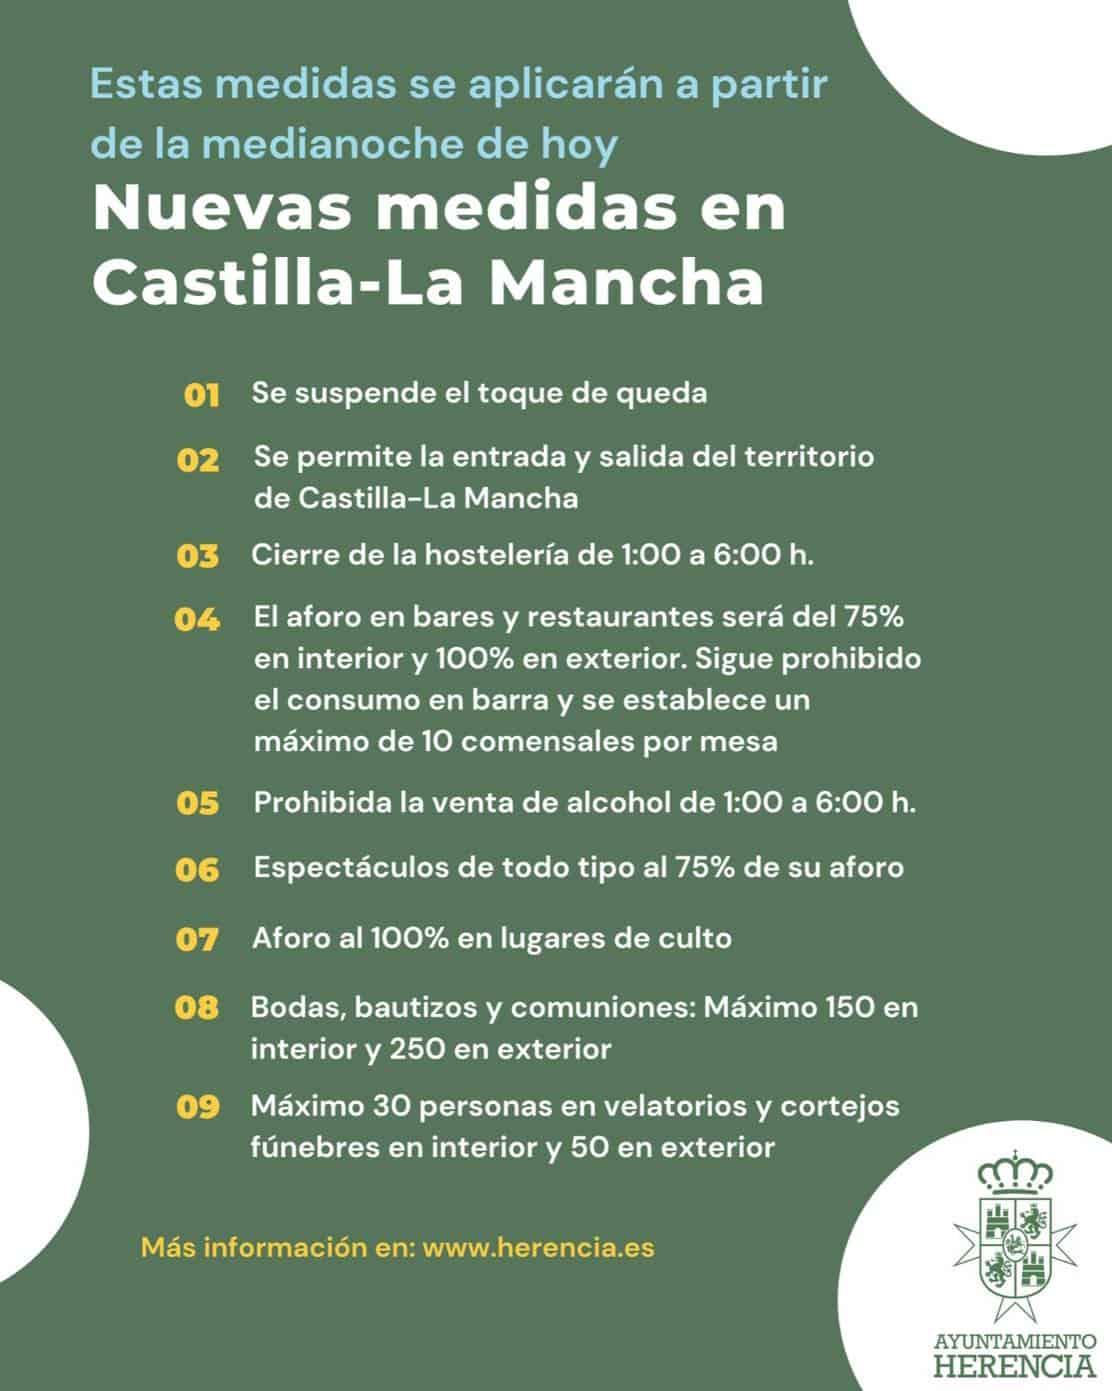 Medidas de aplicación en Castilla-La Mancha al finalizar el estado de alarma 3